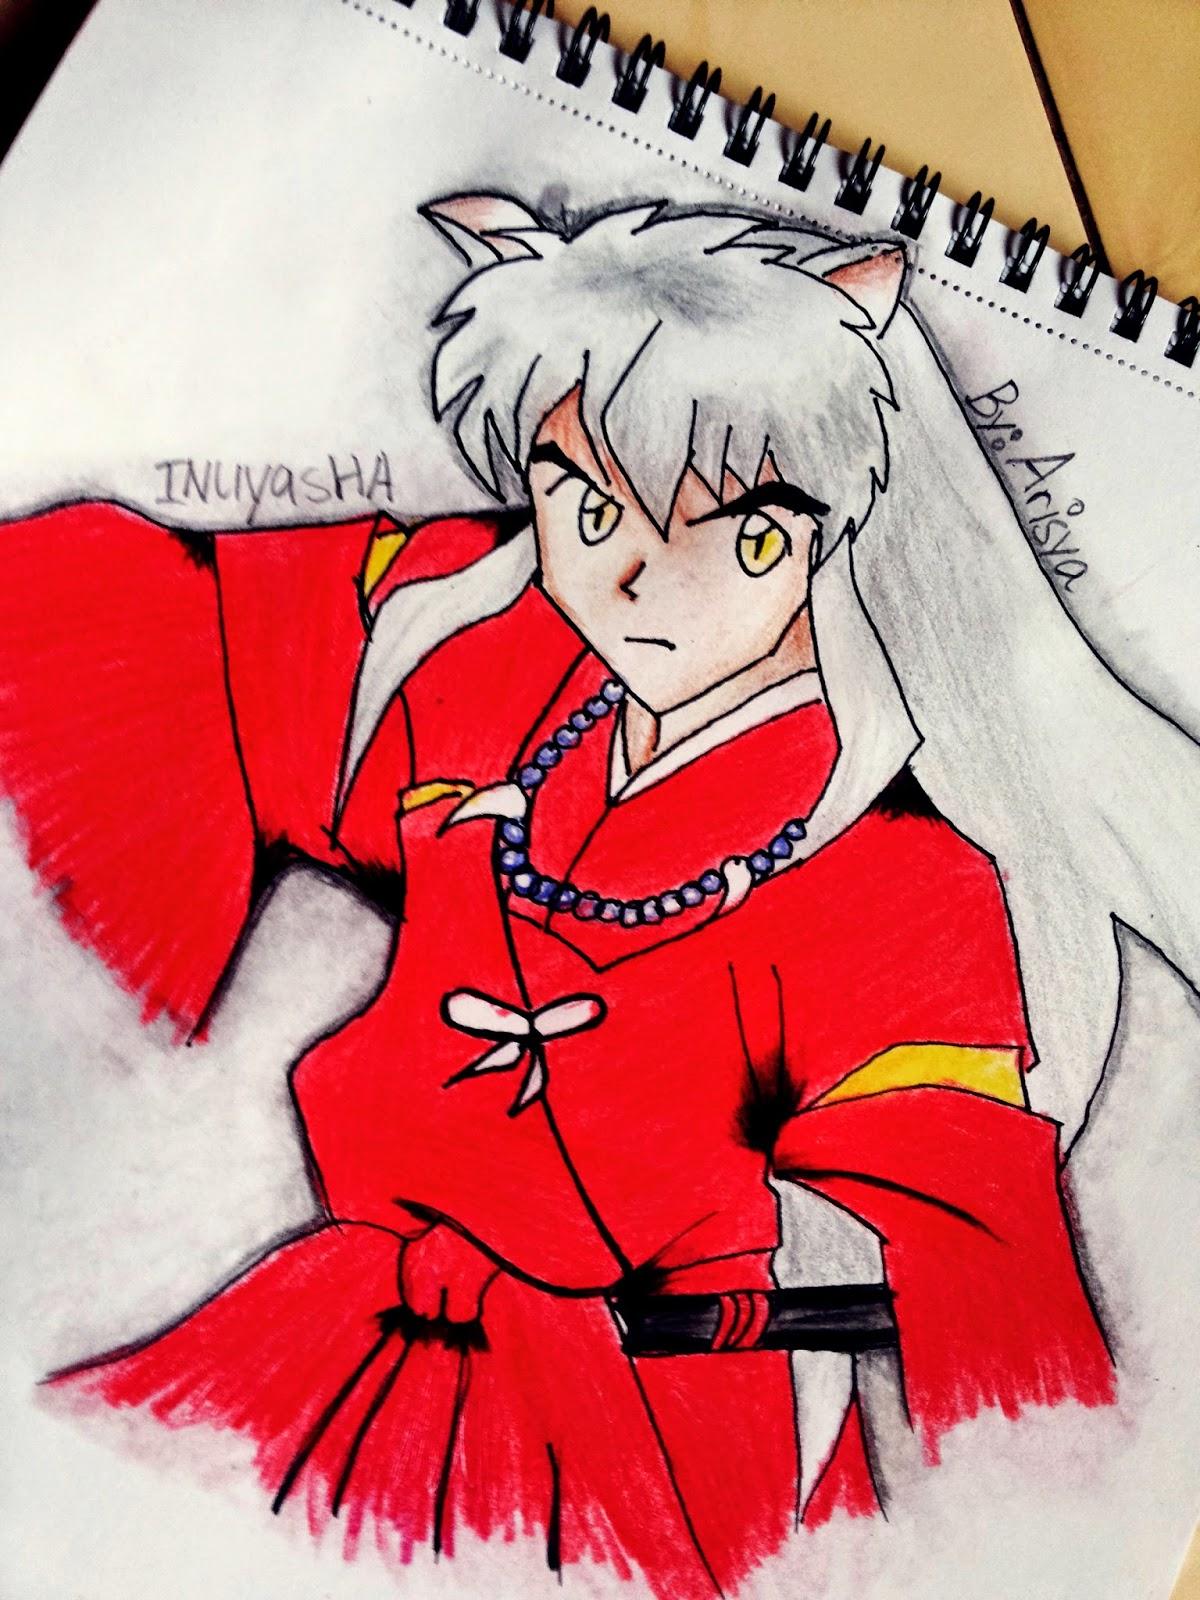 Kali Ini mau kasi Tutor and Review Pencil Color Faber Castel Coba mewarnai gambar Inuyasha yang sebenernya Req seseorang